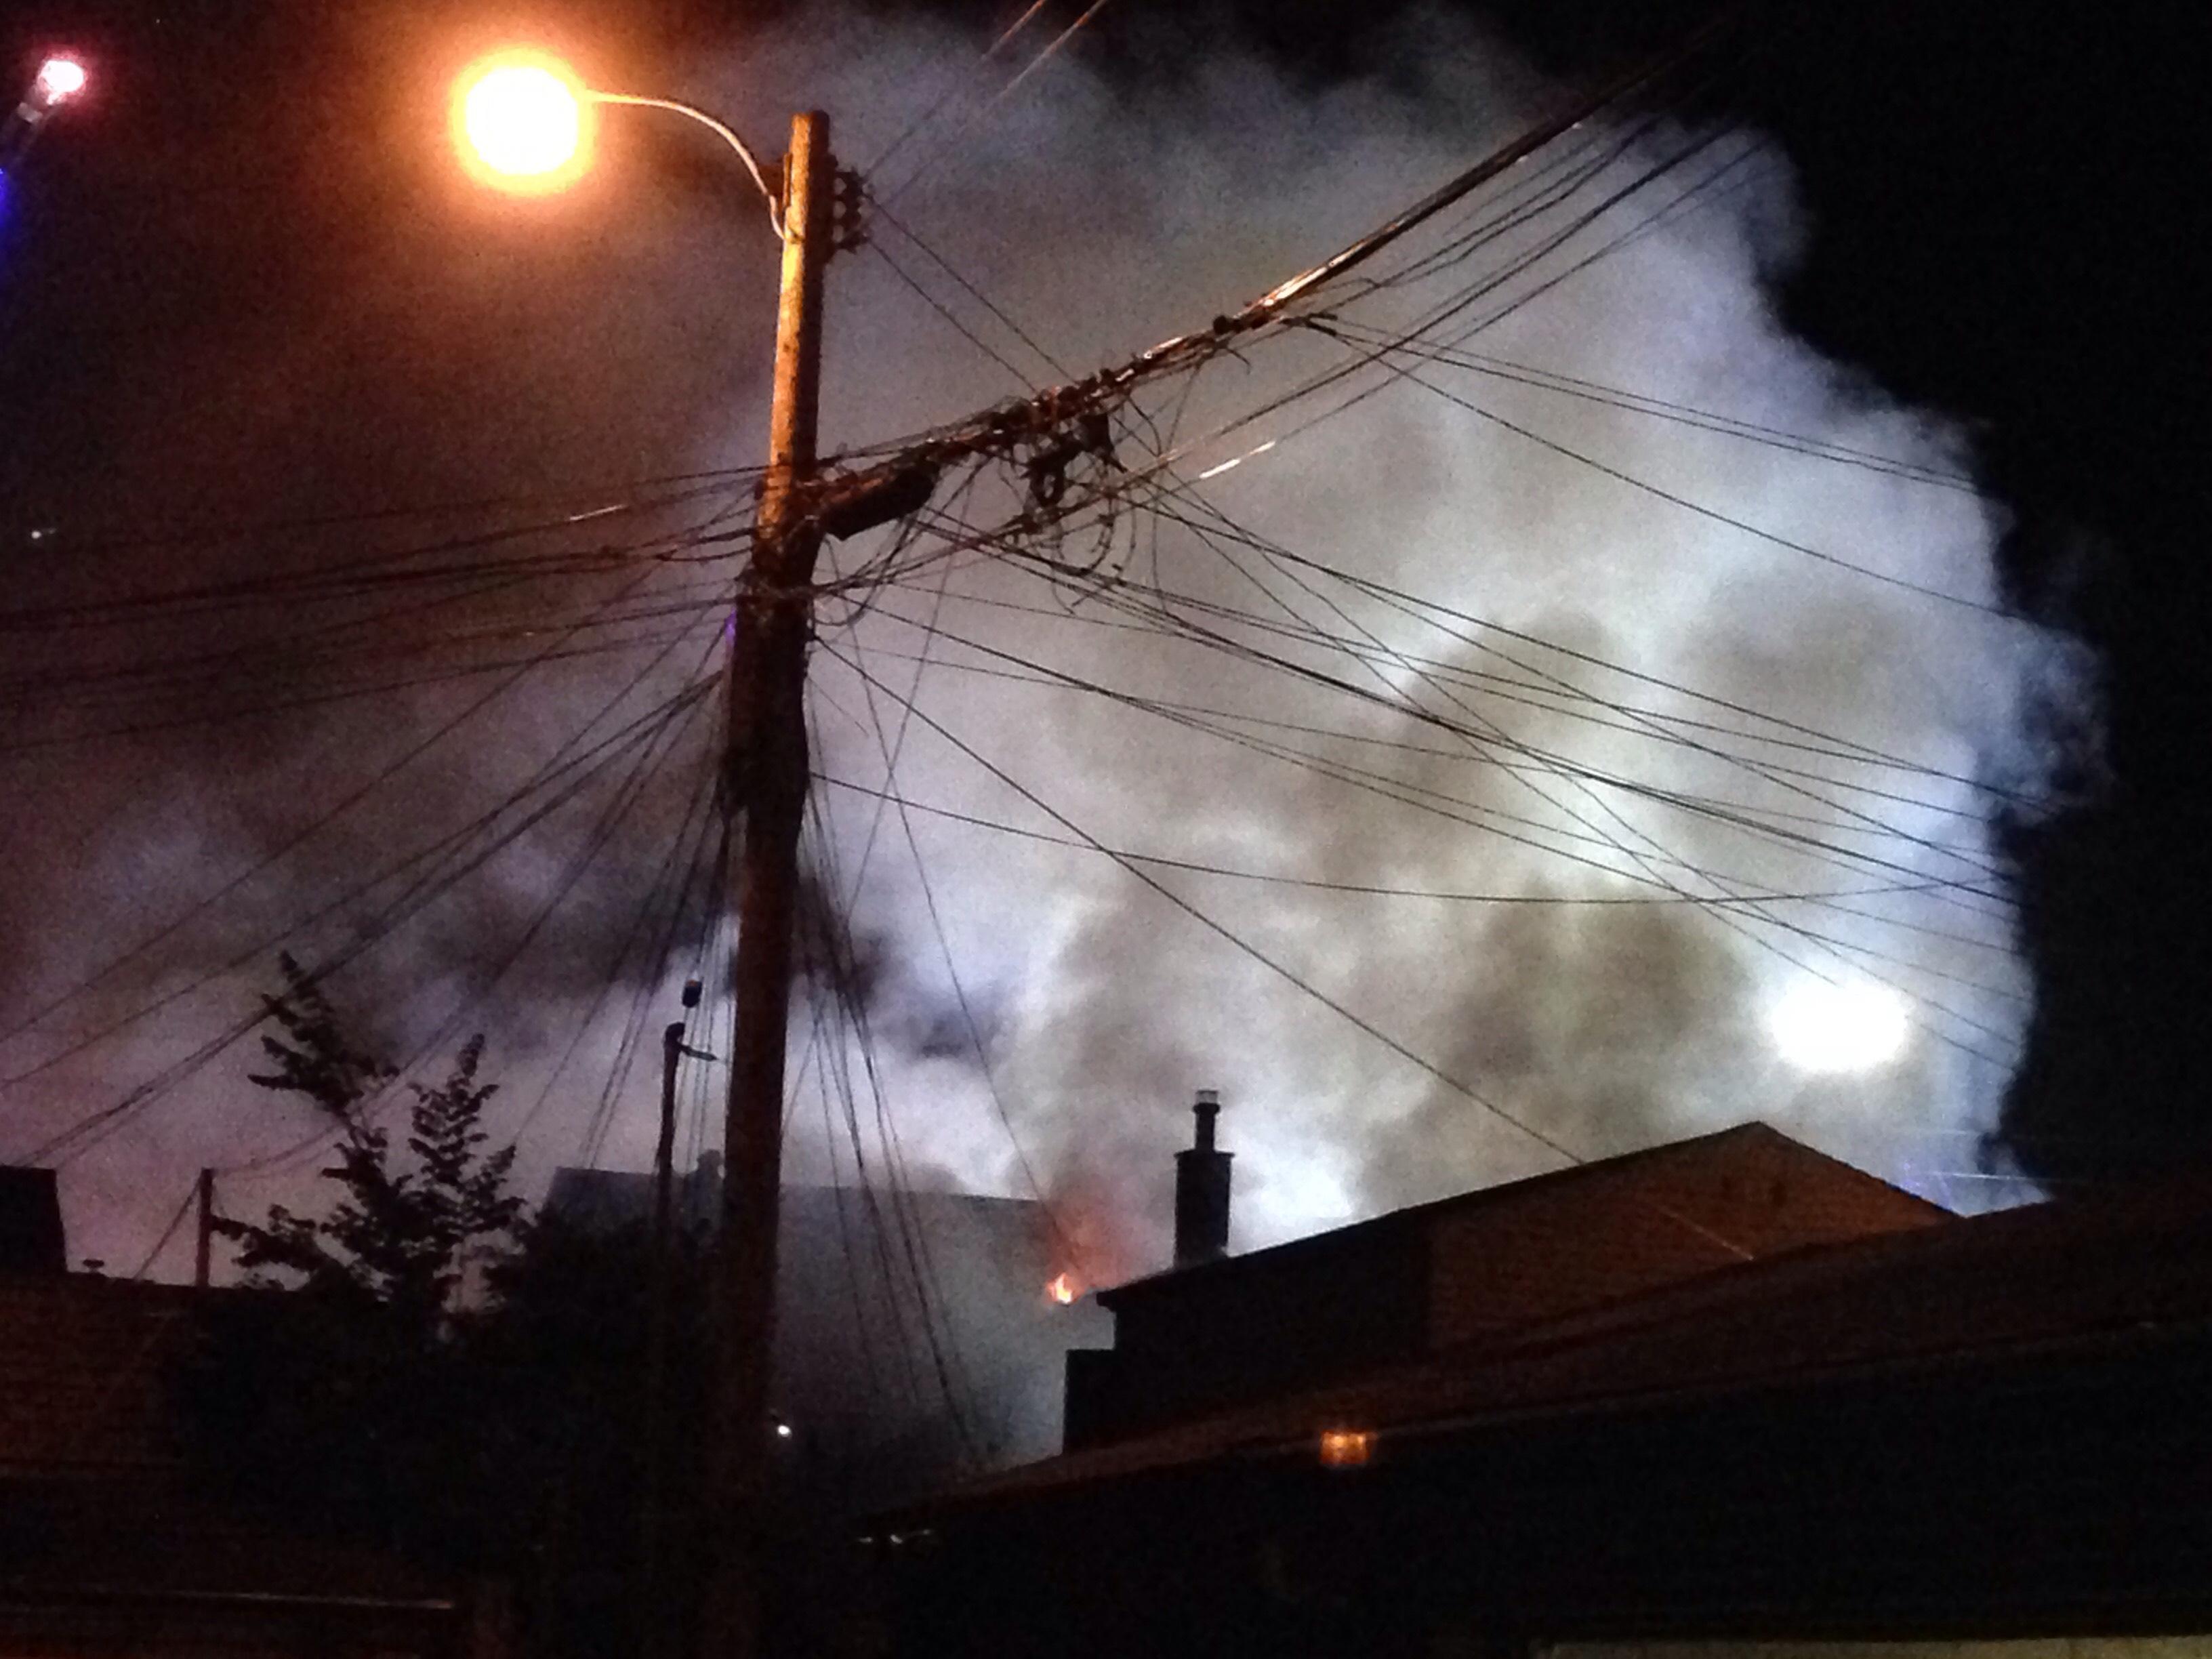 A five-alarm fire burns on Dundas Street west of Bathurst Street on June 30, 2016. CITYNEWS/Hugues Cormier